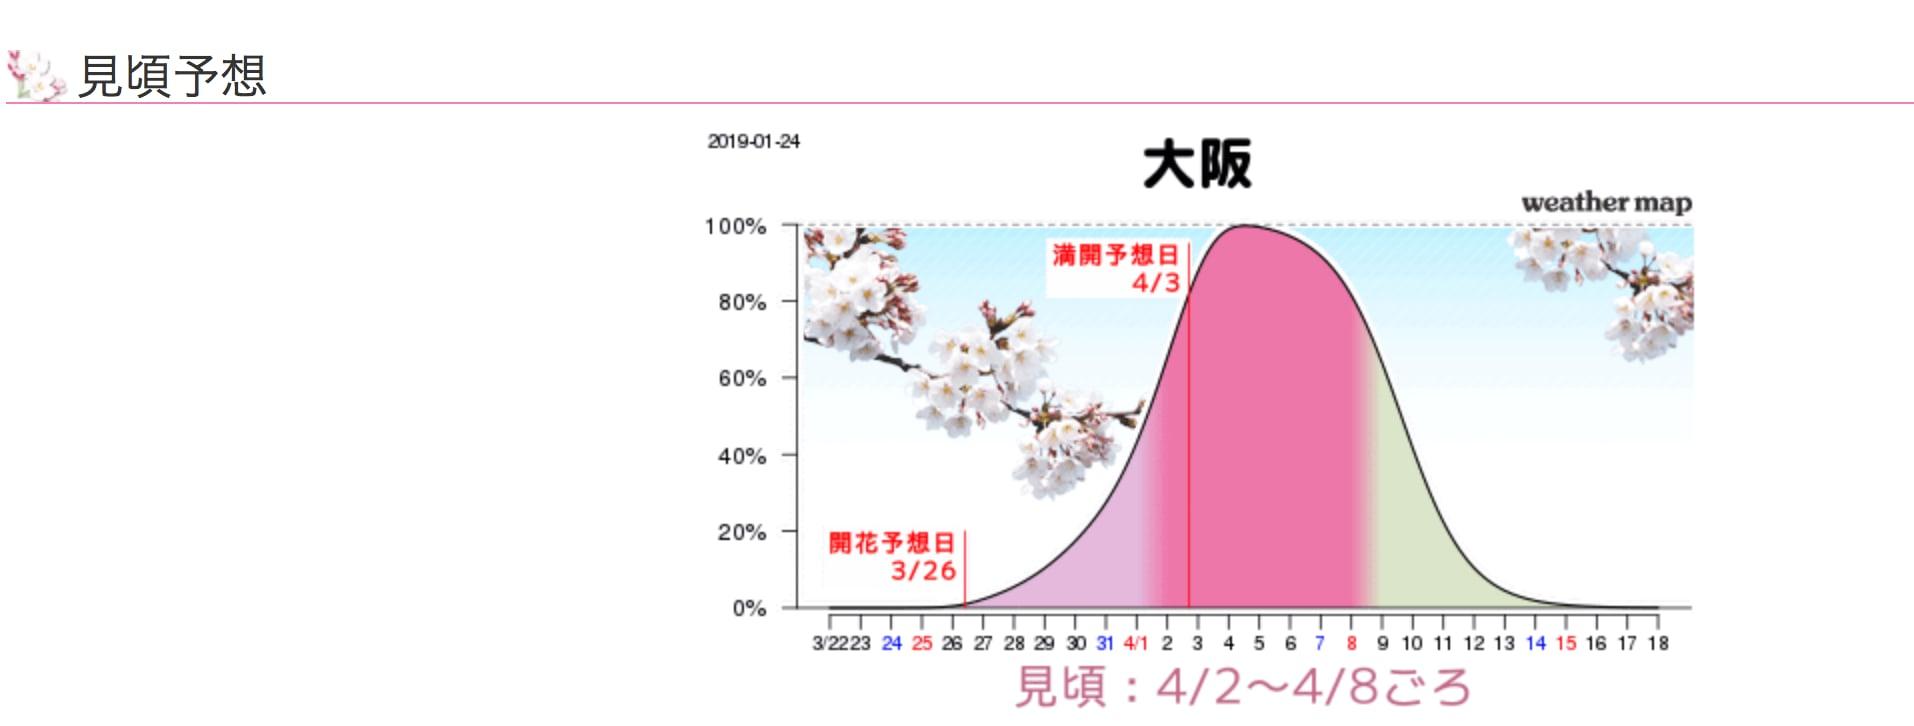 2019年weathermap預測的大阪賞櫻花期。(圖片取自https://sakura.weathermap.jp)